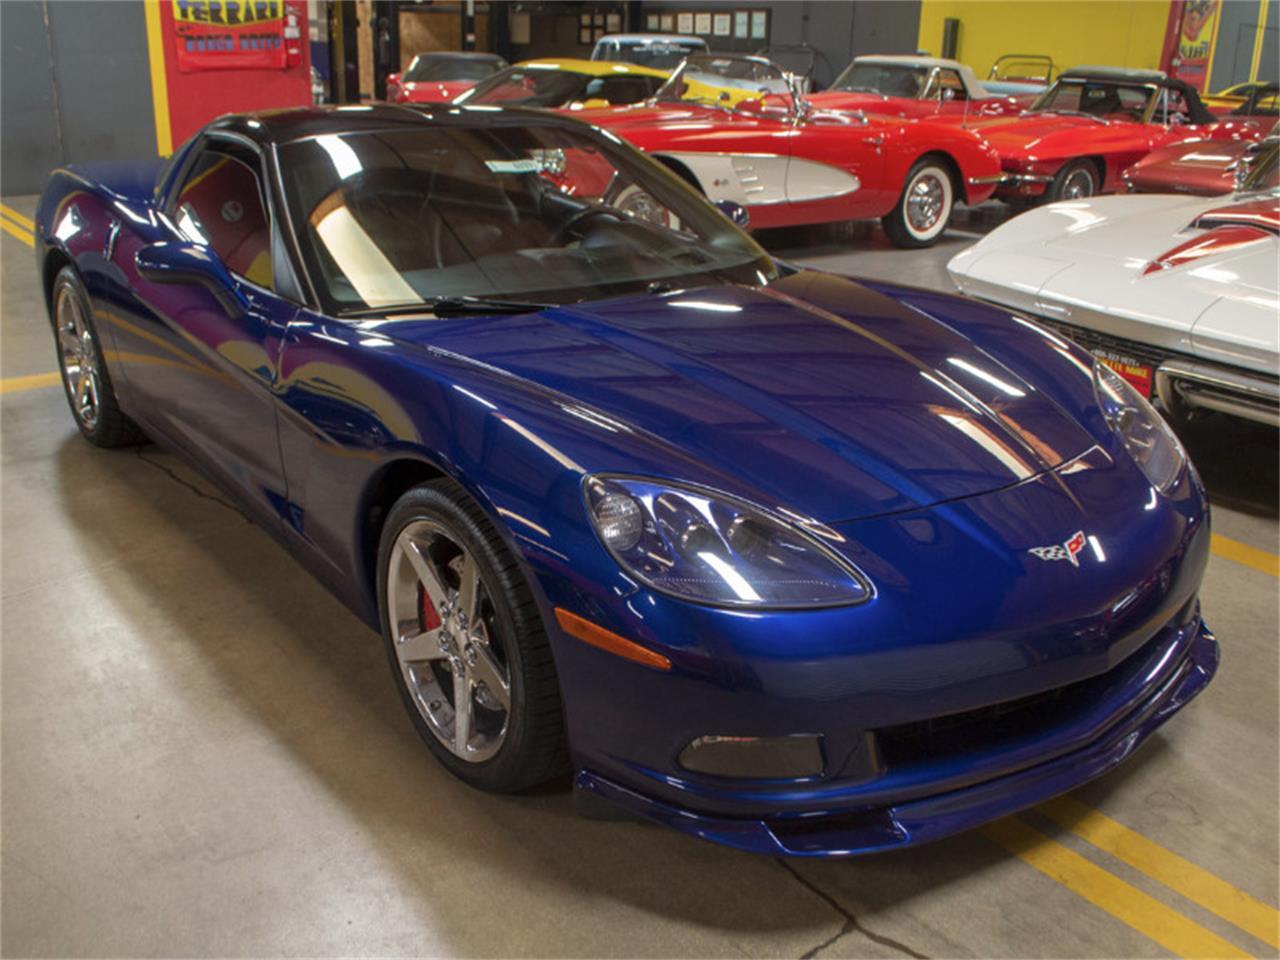 2005 Corvette For Sale >> 2005 Chevrolet Corvette For Sale Classiccars Com Cc 1164967